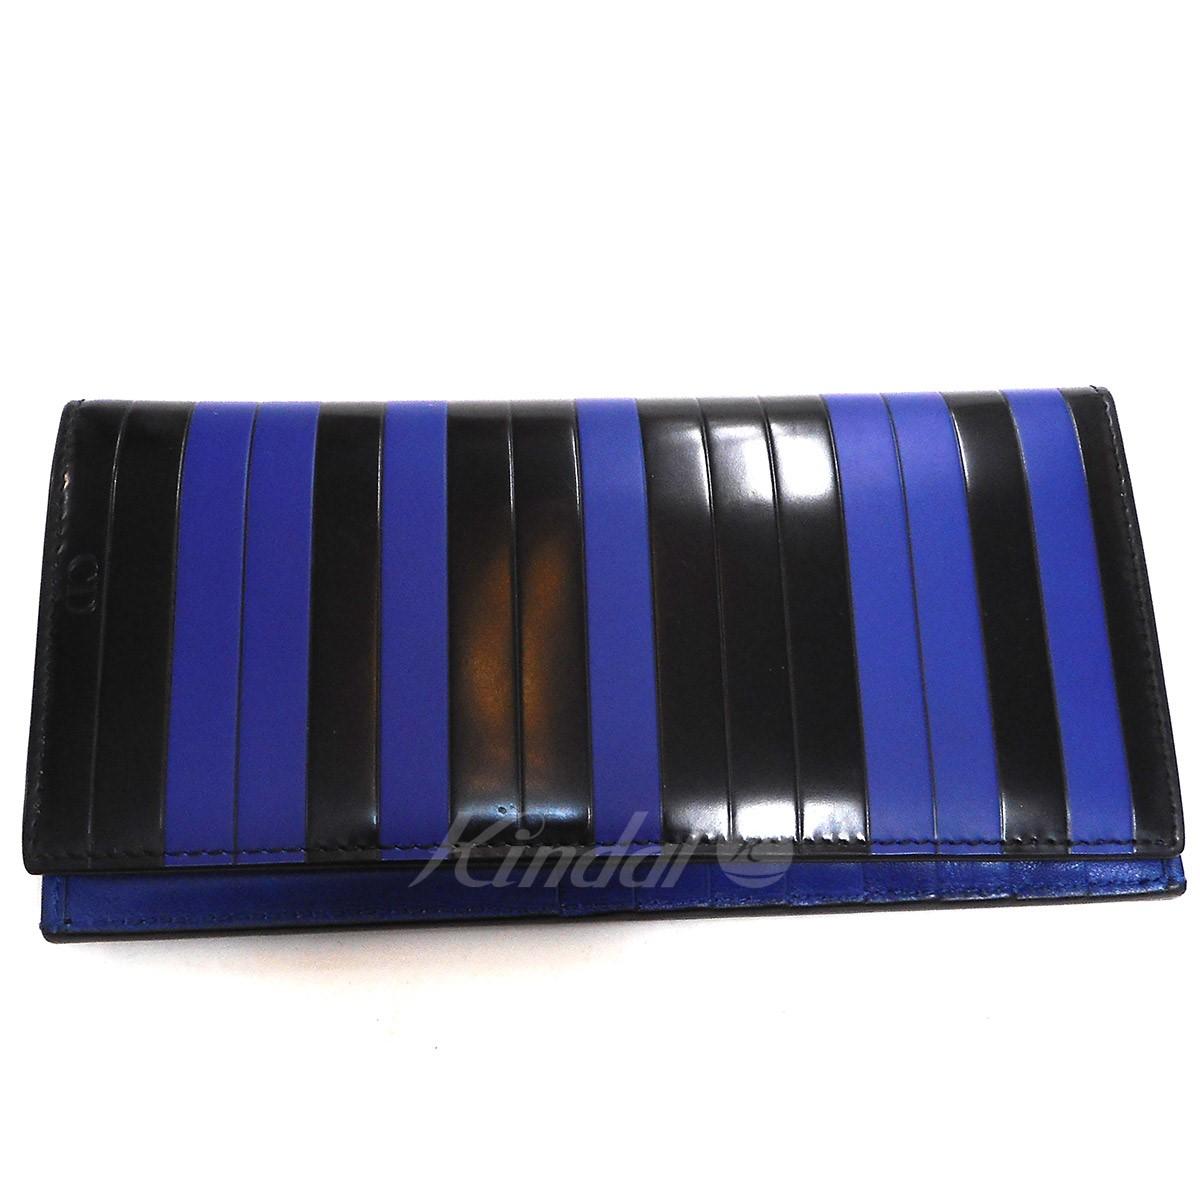 【中古】Dior Homme ラインカラー長財布 ブルー×ブラック 【140519】(ディオールオム)